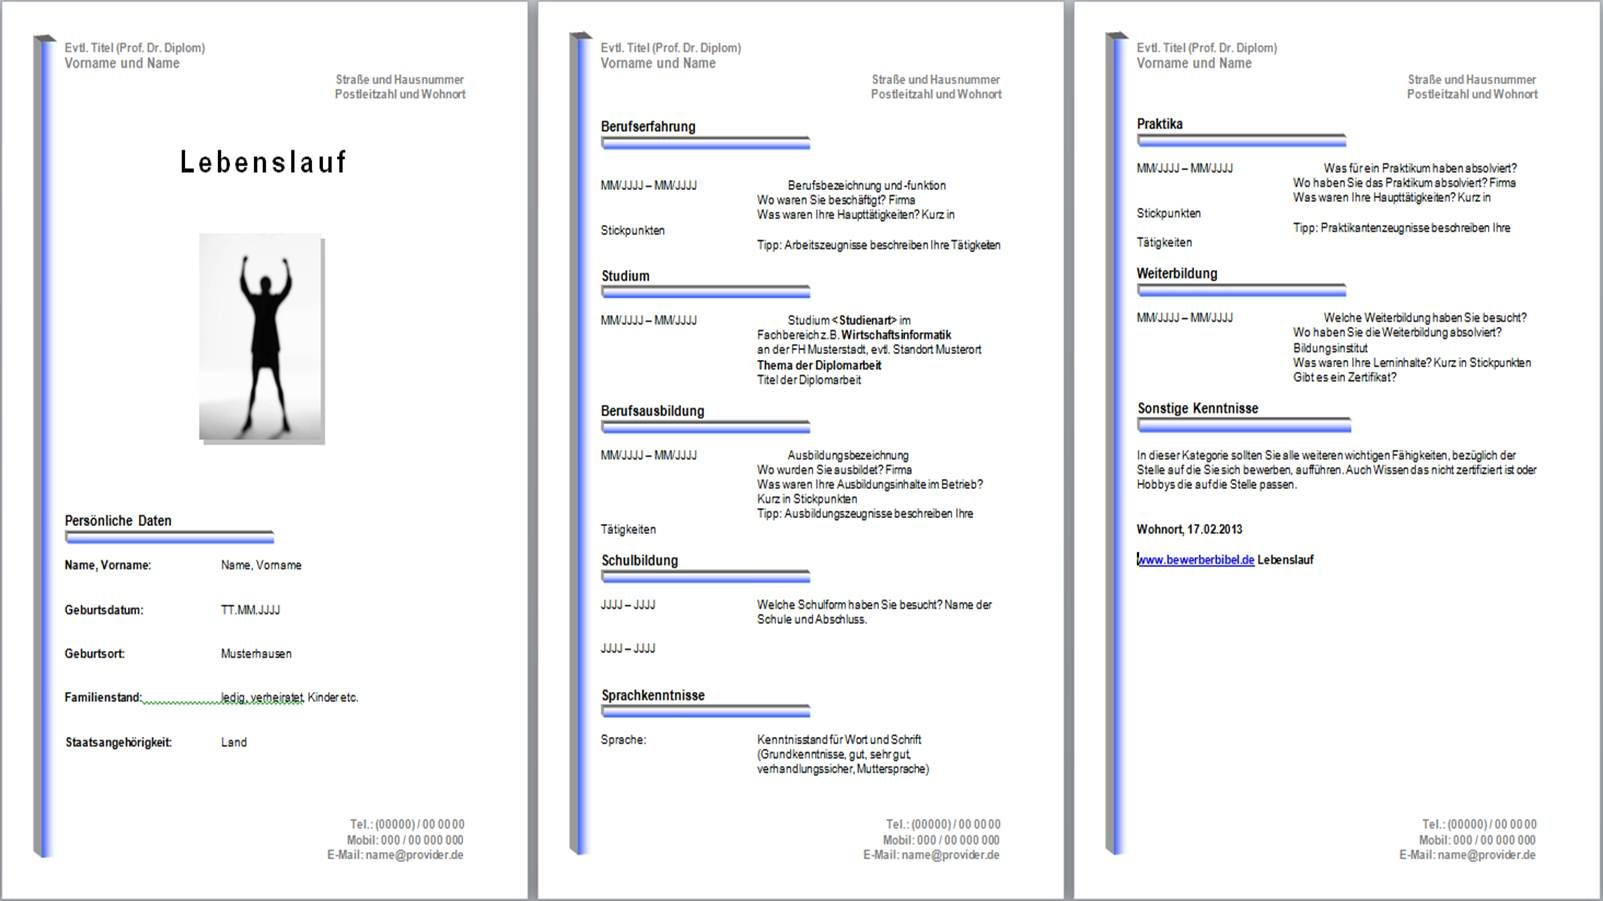 Lebenslauf Muster 2011 Version 1 | Lebenslauf Vorlage | Pinterest ...